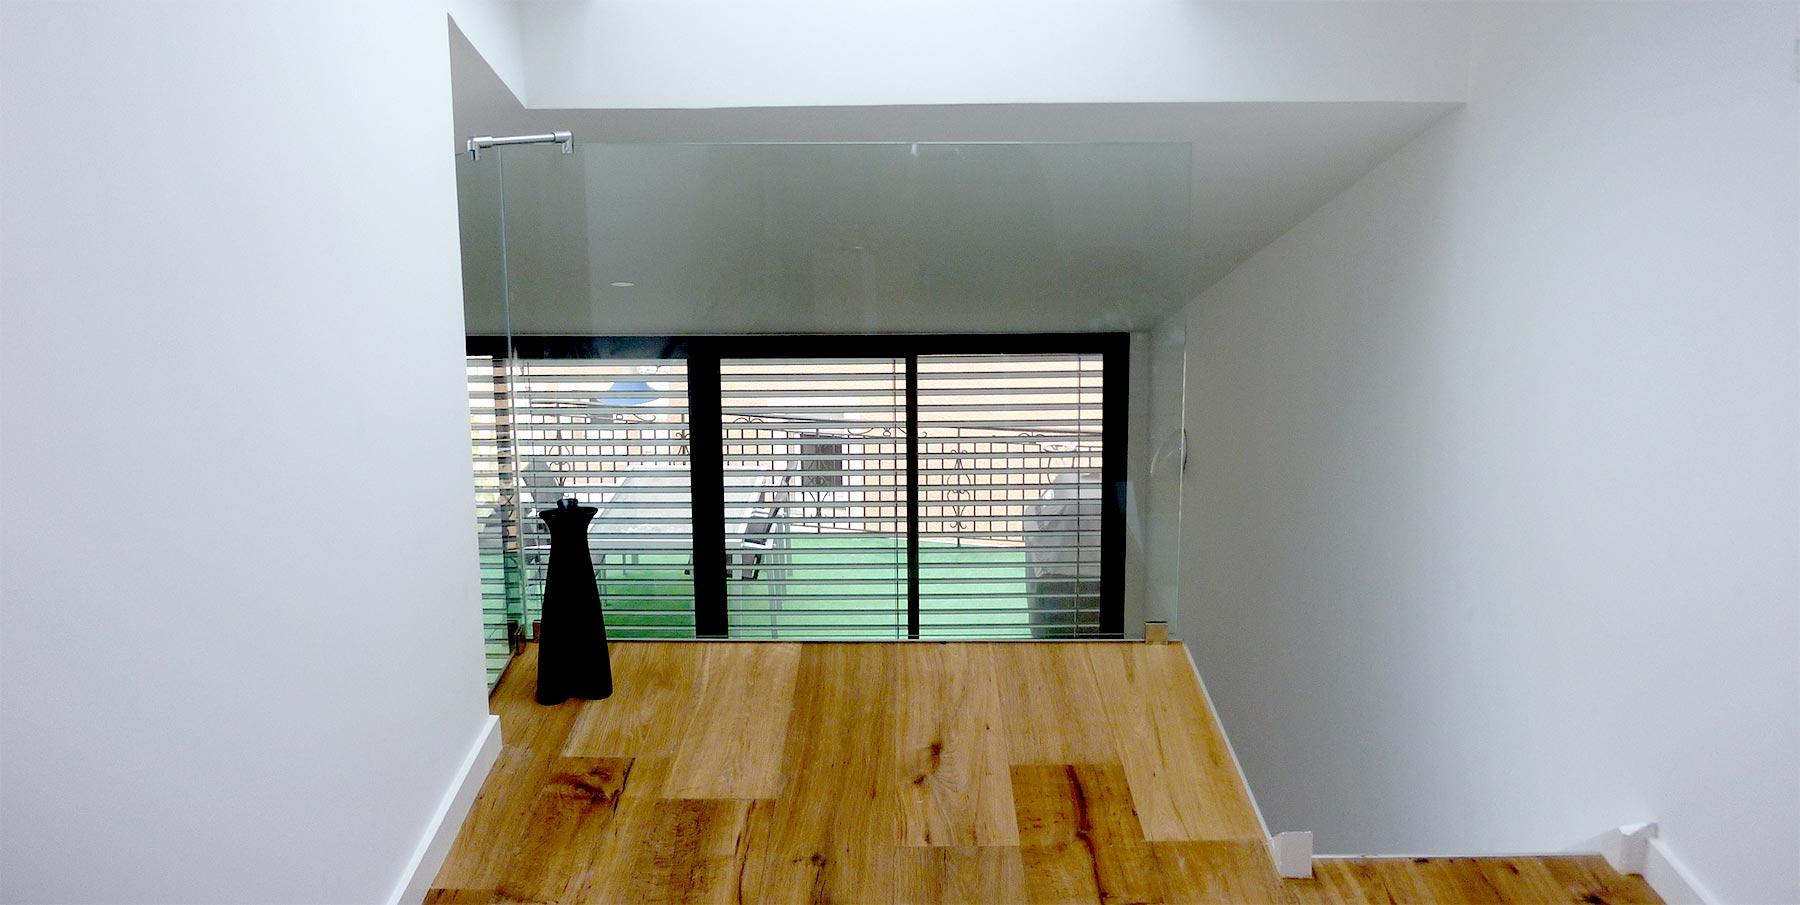 100 the 25 best decorateur interieur interieurs au salon des artistes - Prix decorateur interieur ...